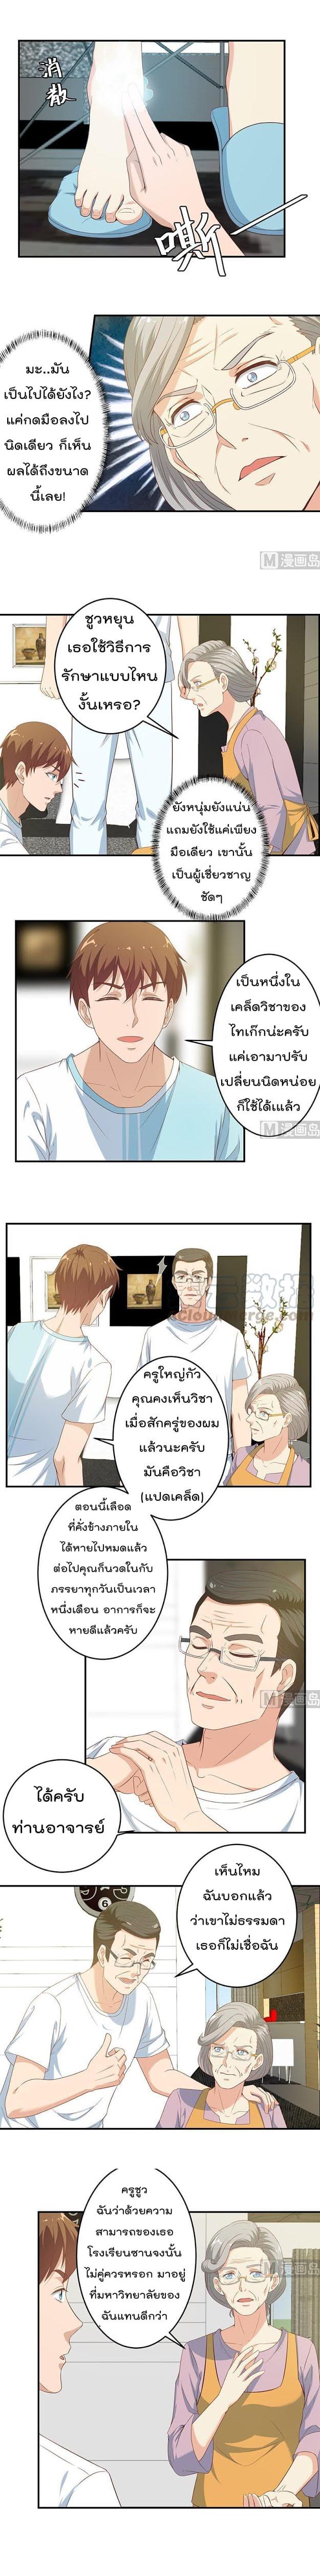 Master Cultivation Return - หน้า 3